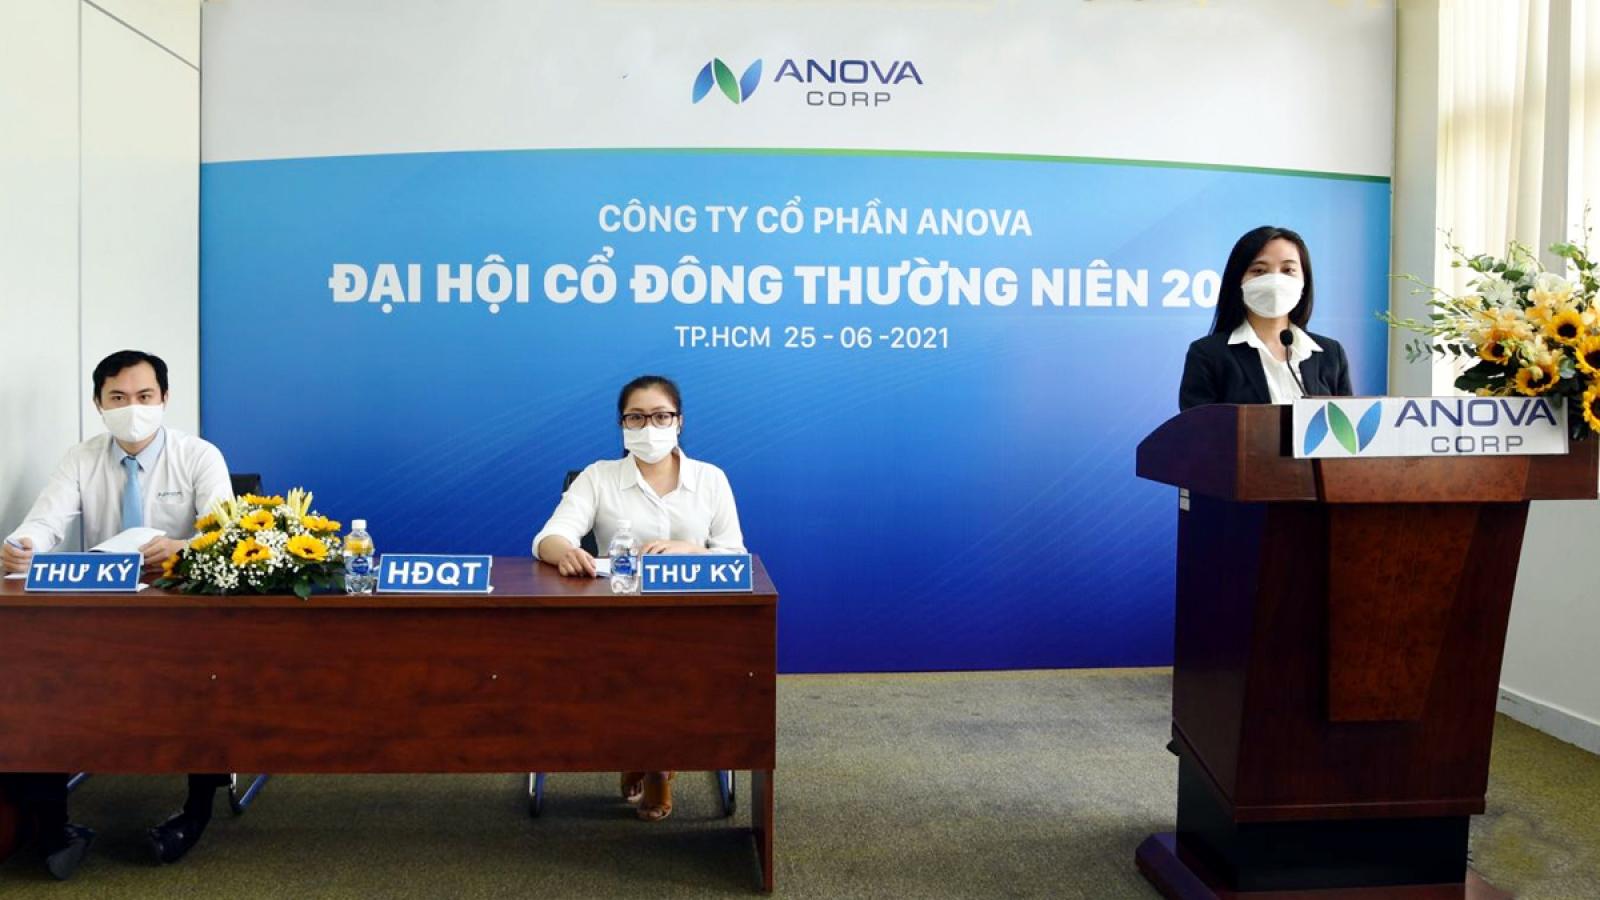 Tập đoàn Anova và hành trình bứt phá cùng nền nông nghiệp Việt